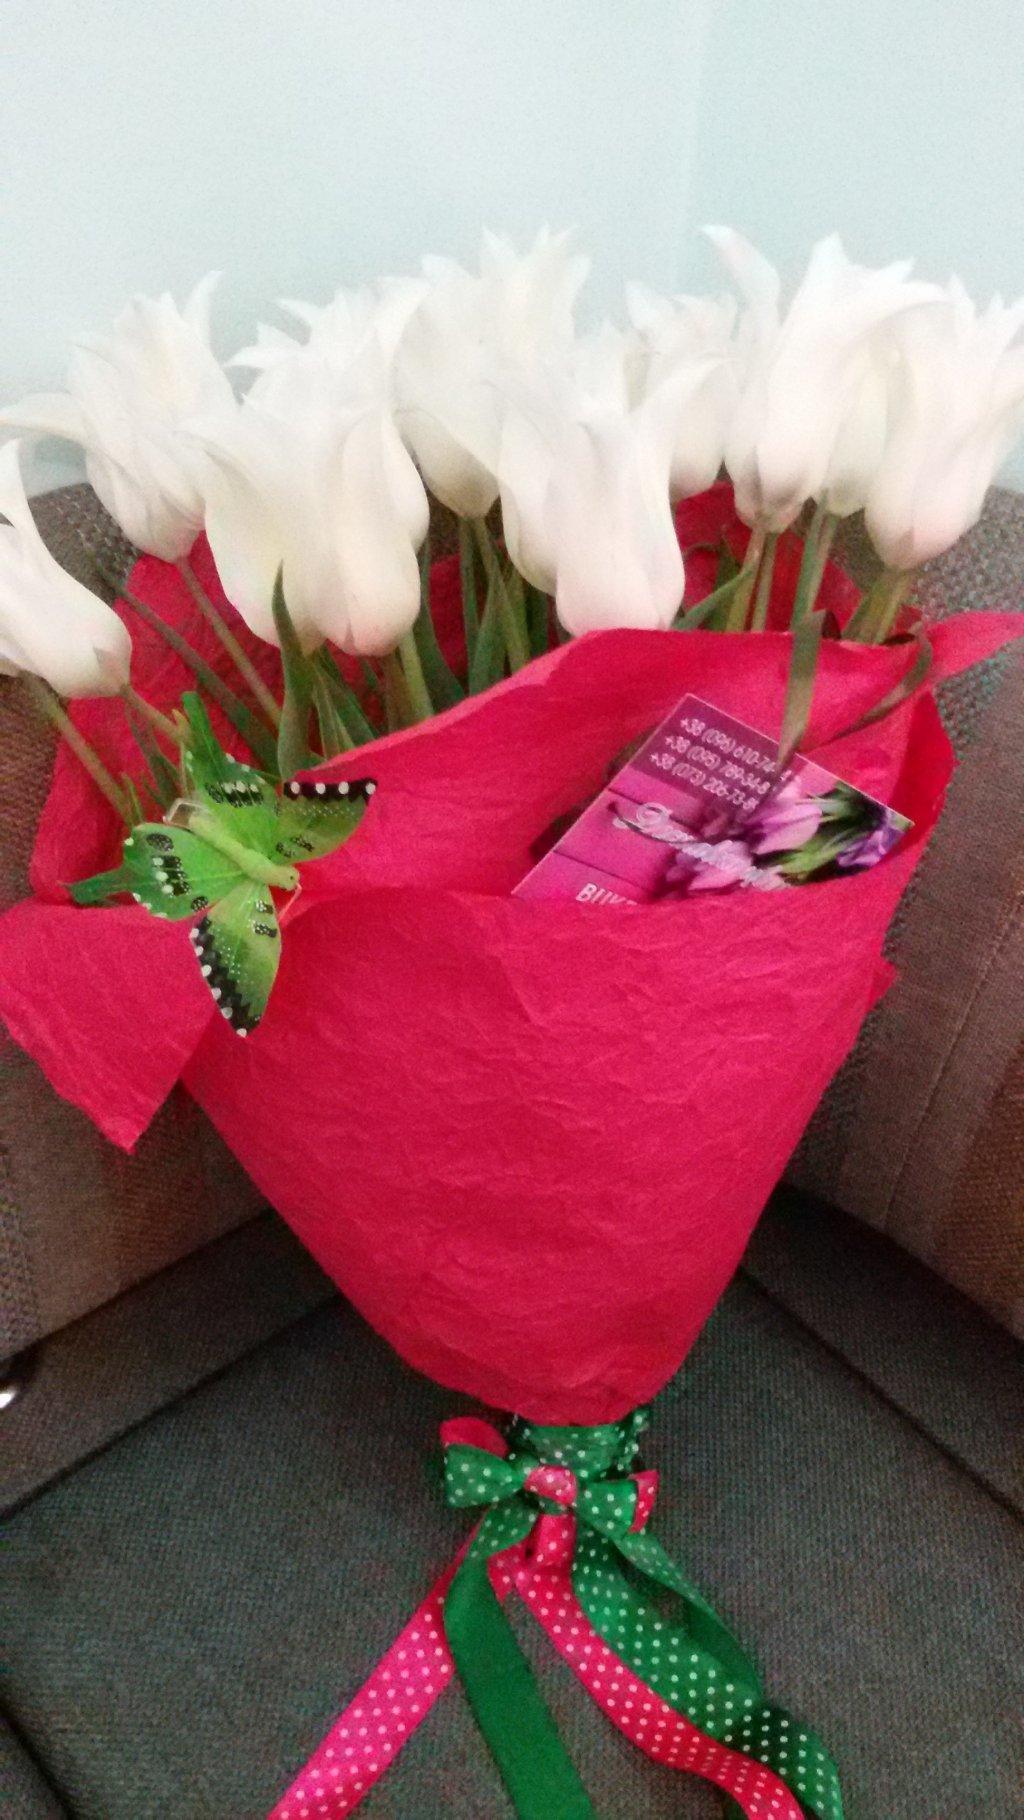 buket24.dp.ua доставка цветов - Очень хороший магазин. ВЛАДА, вы мастер своего дела. Советую всем обра